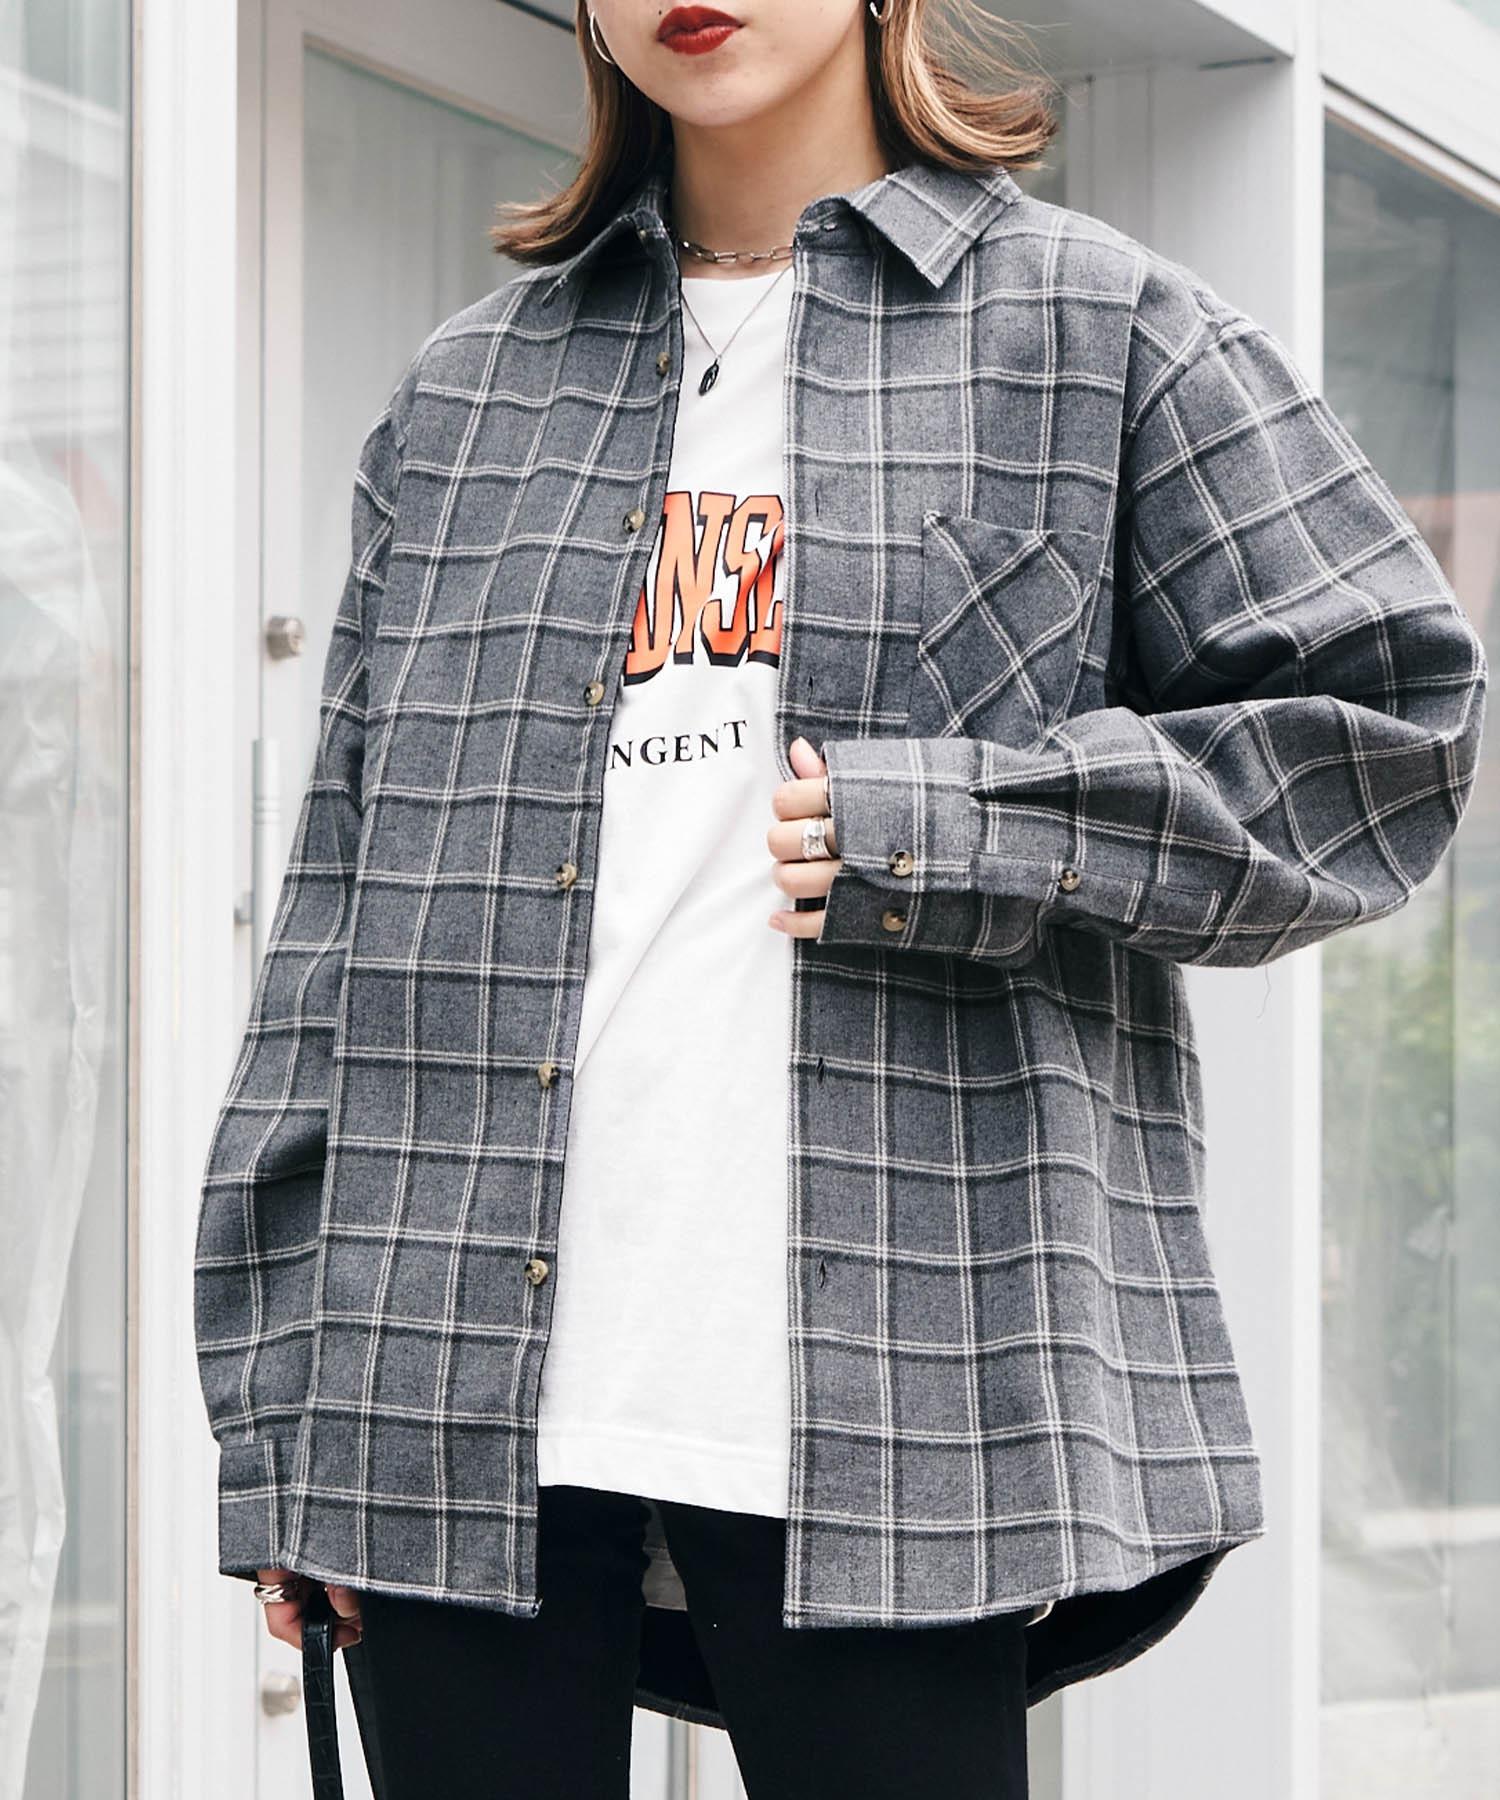 オーバーサイズ フリースボンディング チェック柄 L/S ヘビーネルシャツ